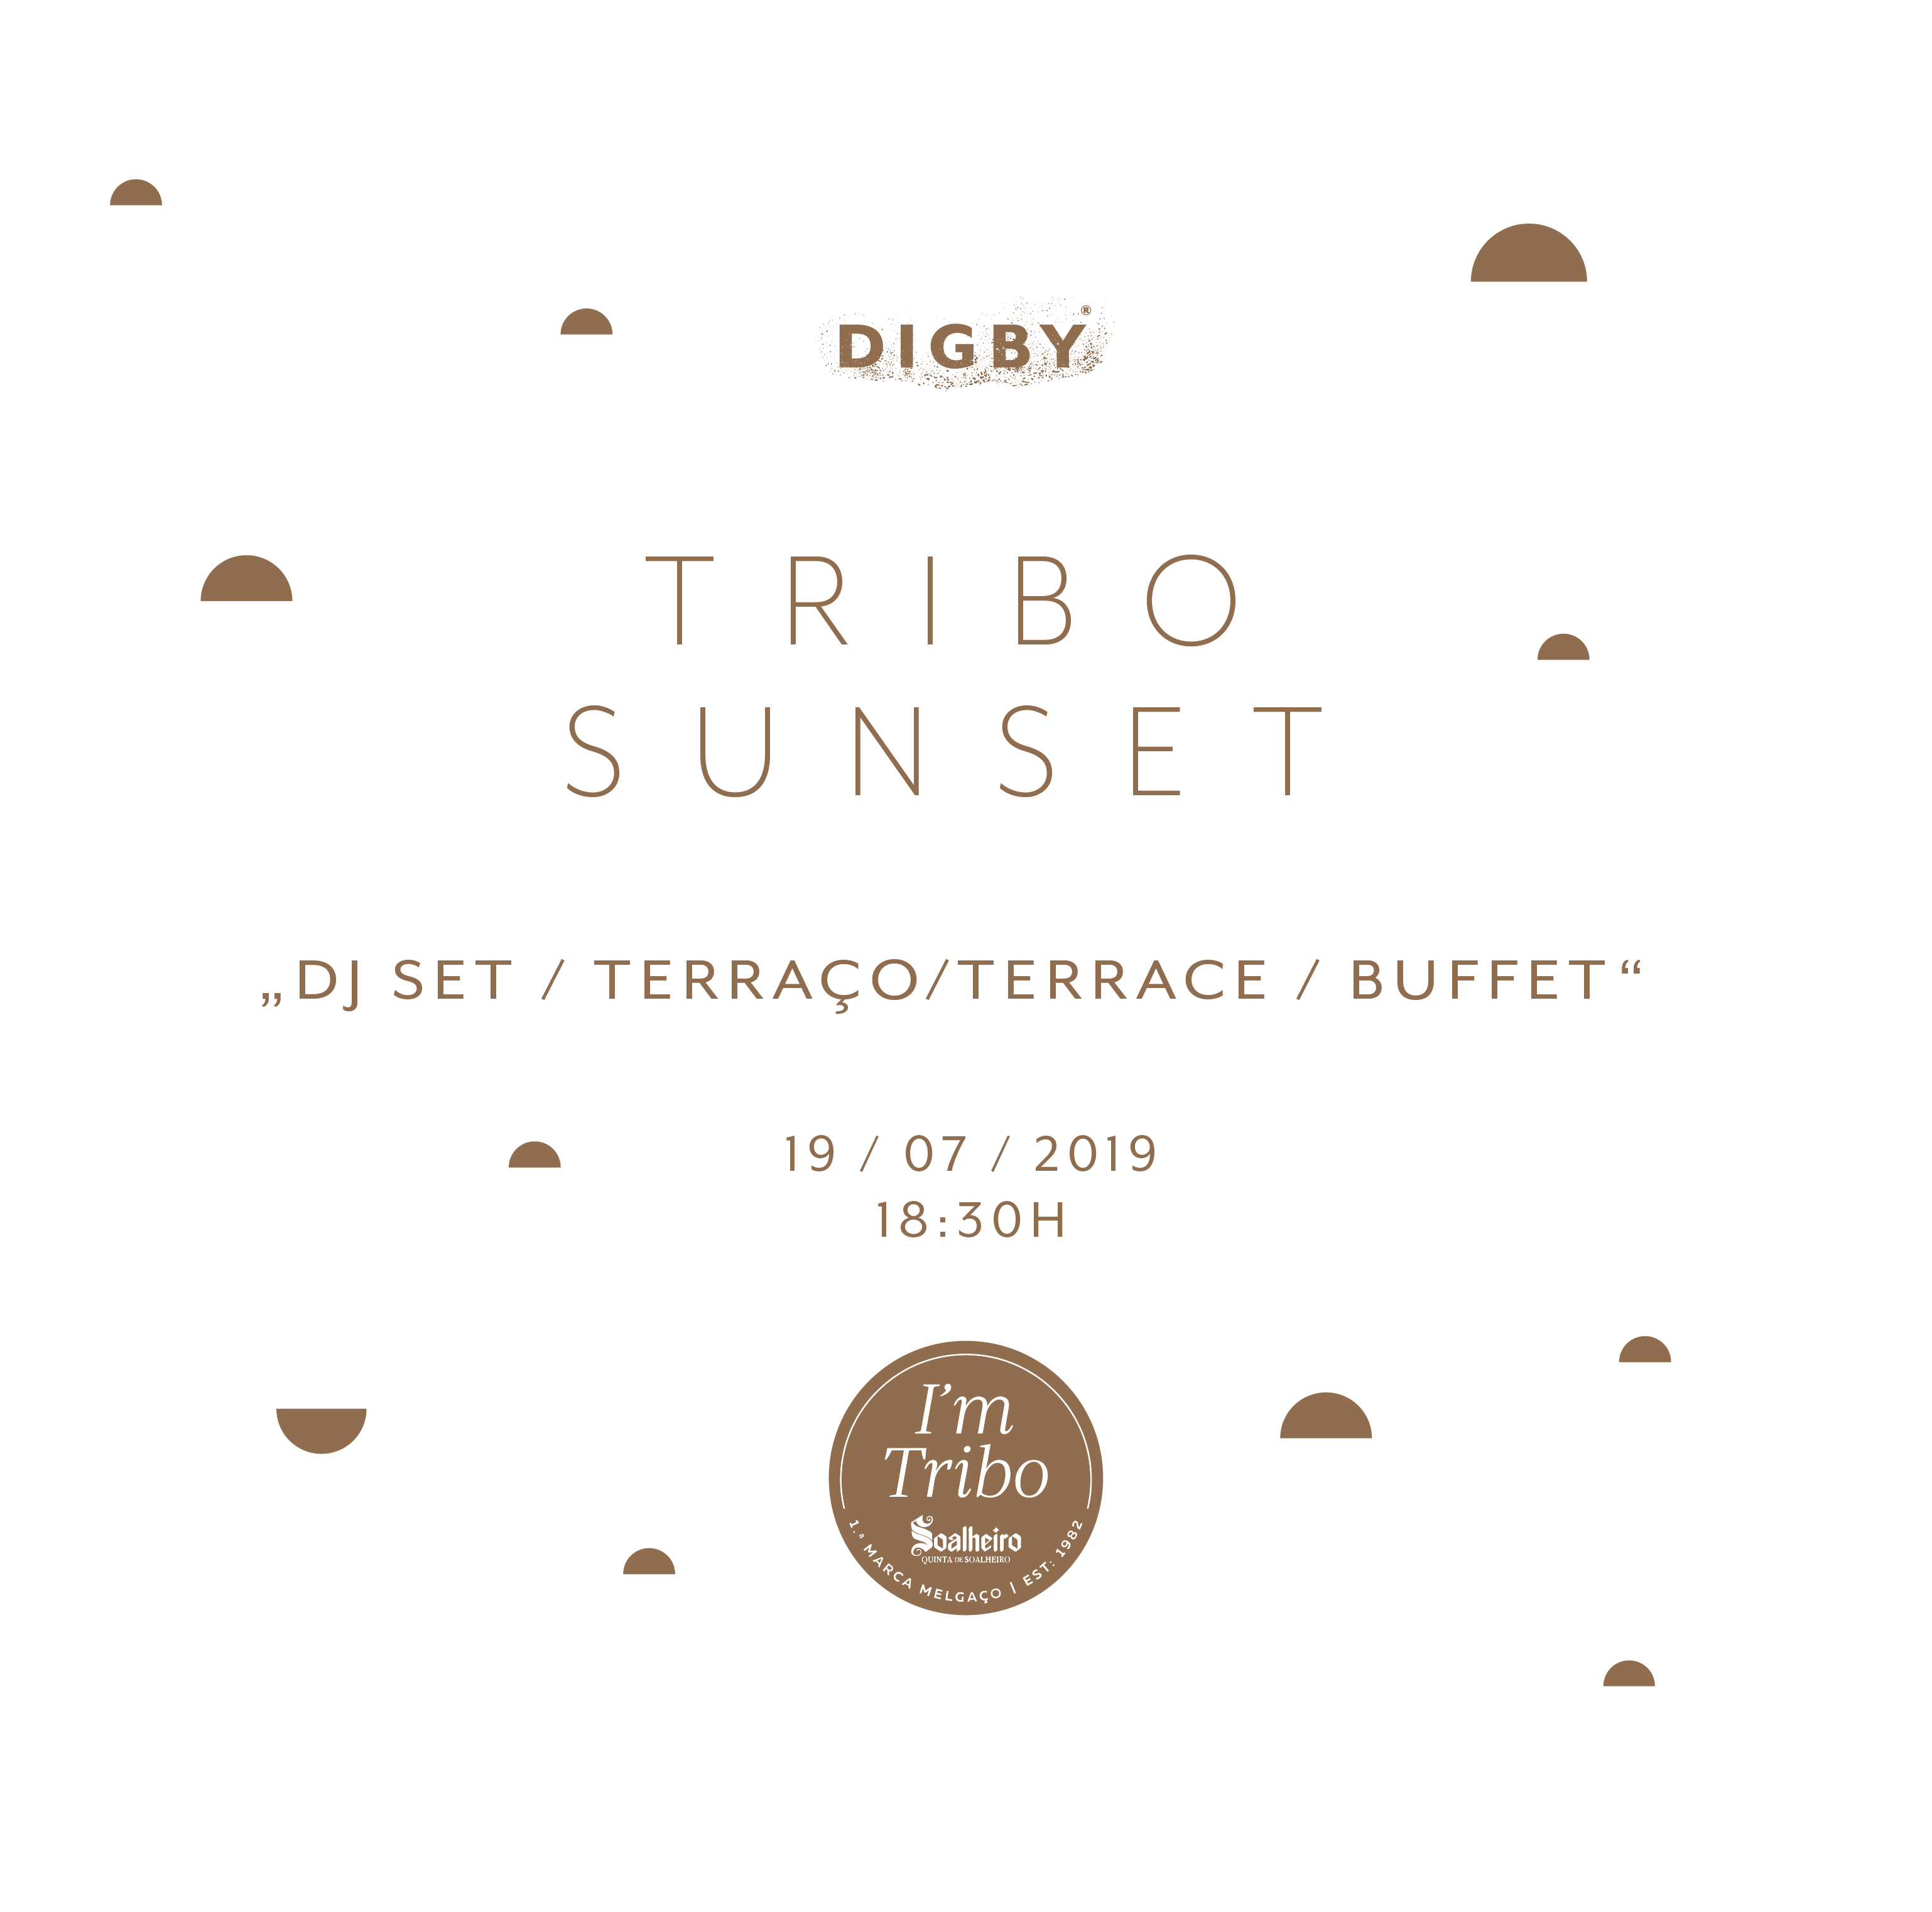 tribo sunset digbySM-02 (1)